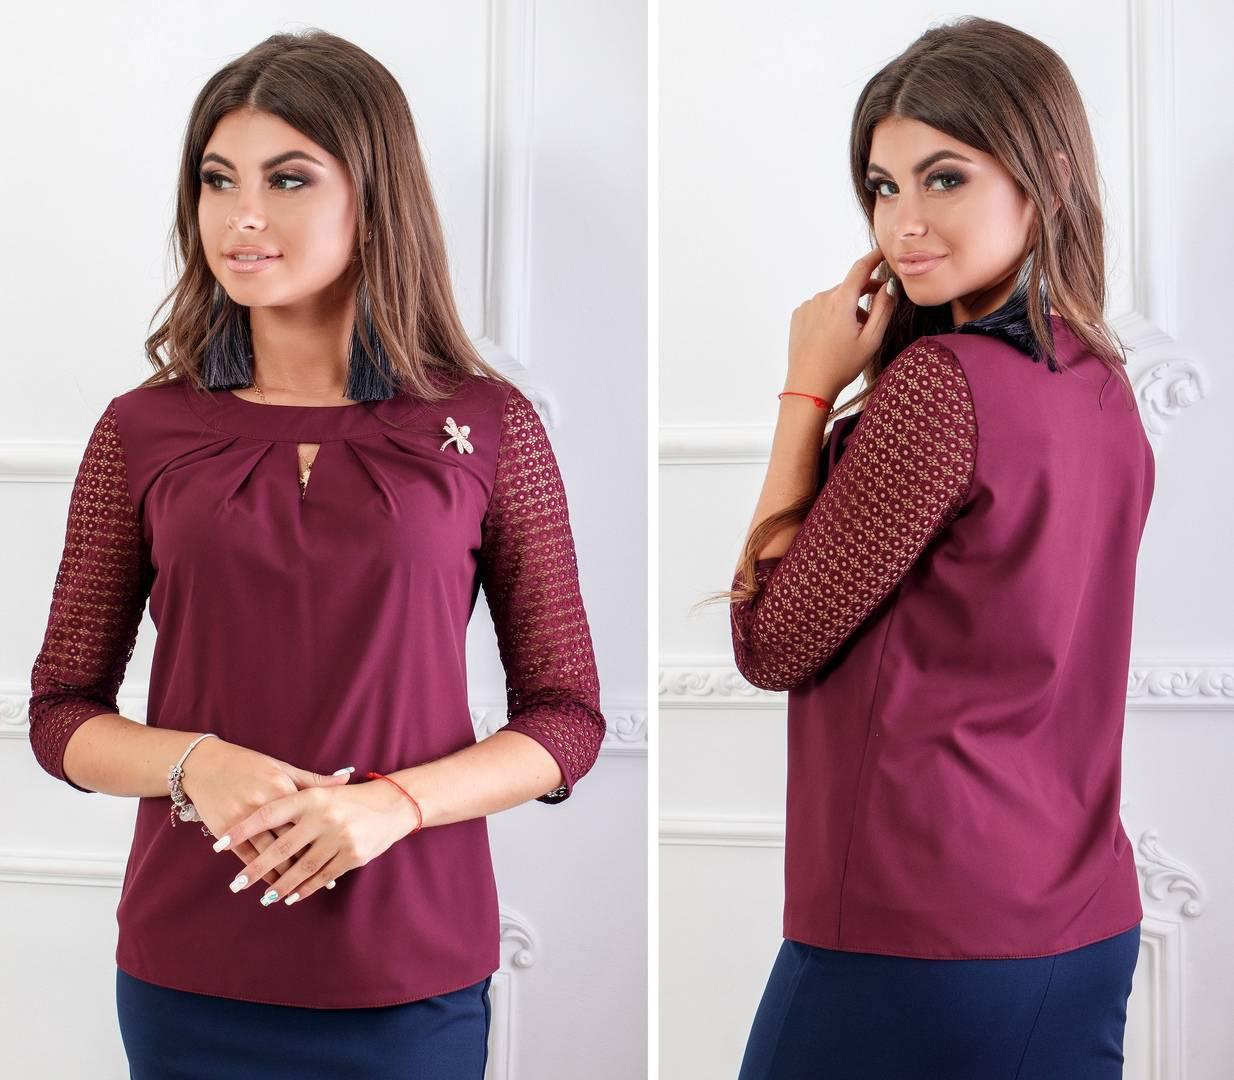 Блузка с брошью и кружевными рукавами ( арт.122),ткань бенгалин+кружево, цвет бордо